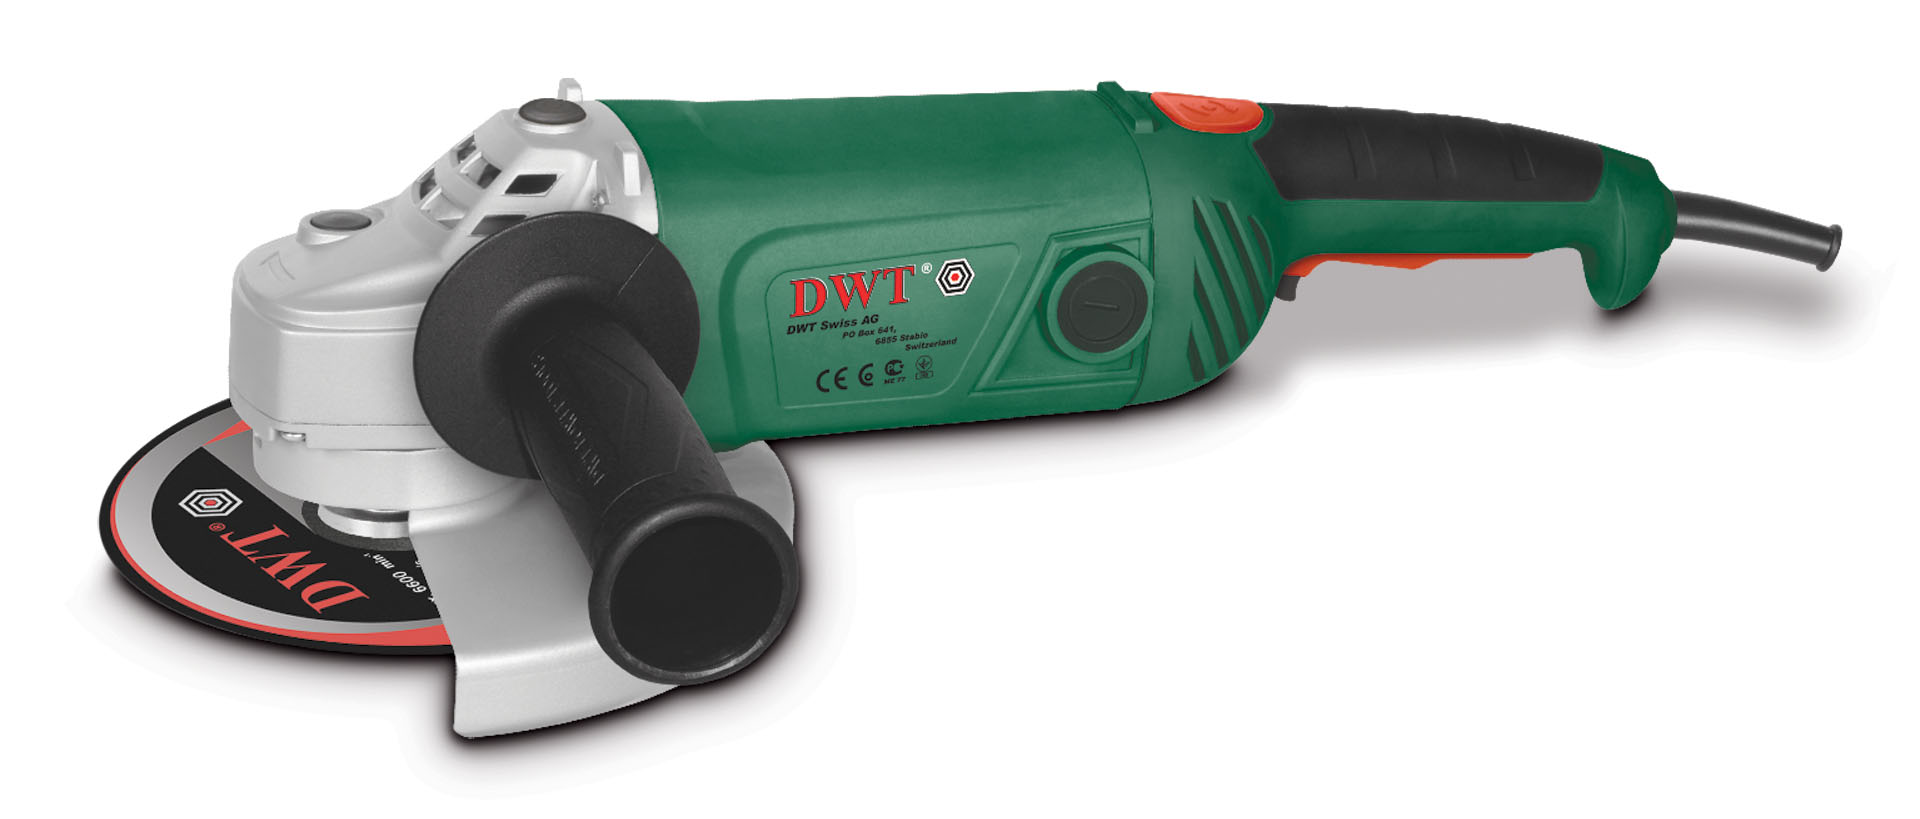 DWT WS18-180 T - угловая шлифмашина (Green)Угловые шлифовальные машинки (Болгарки)<br>Шлифмашина<br>